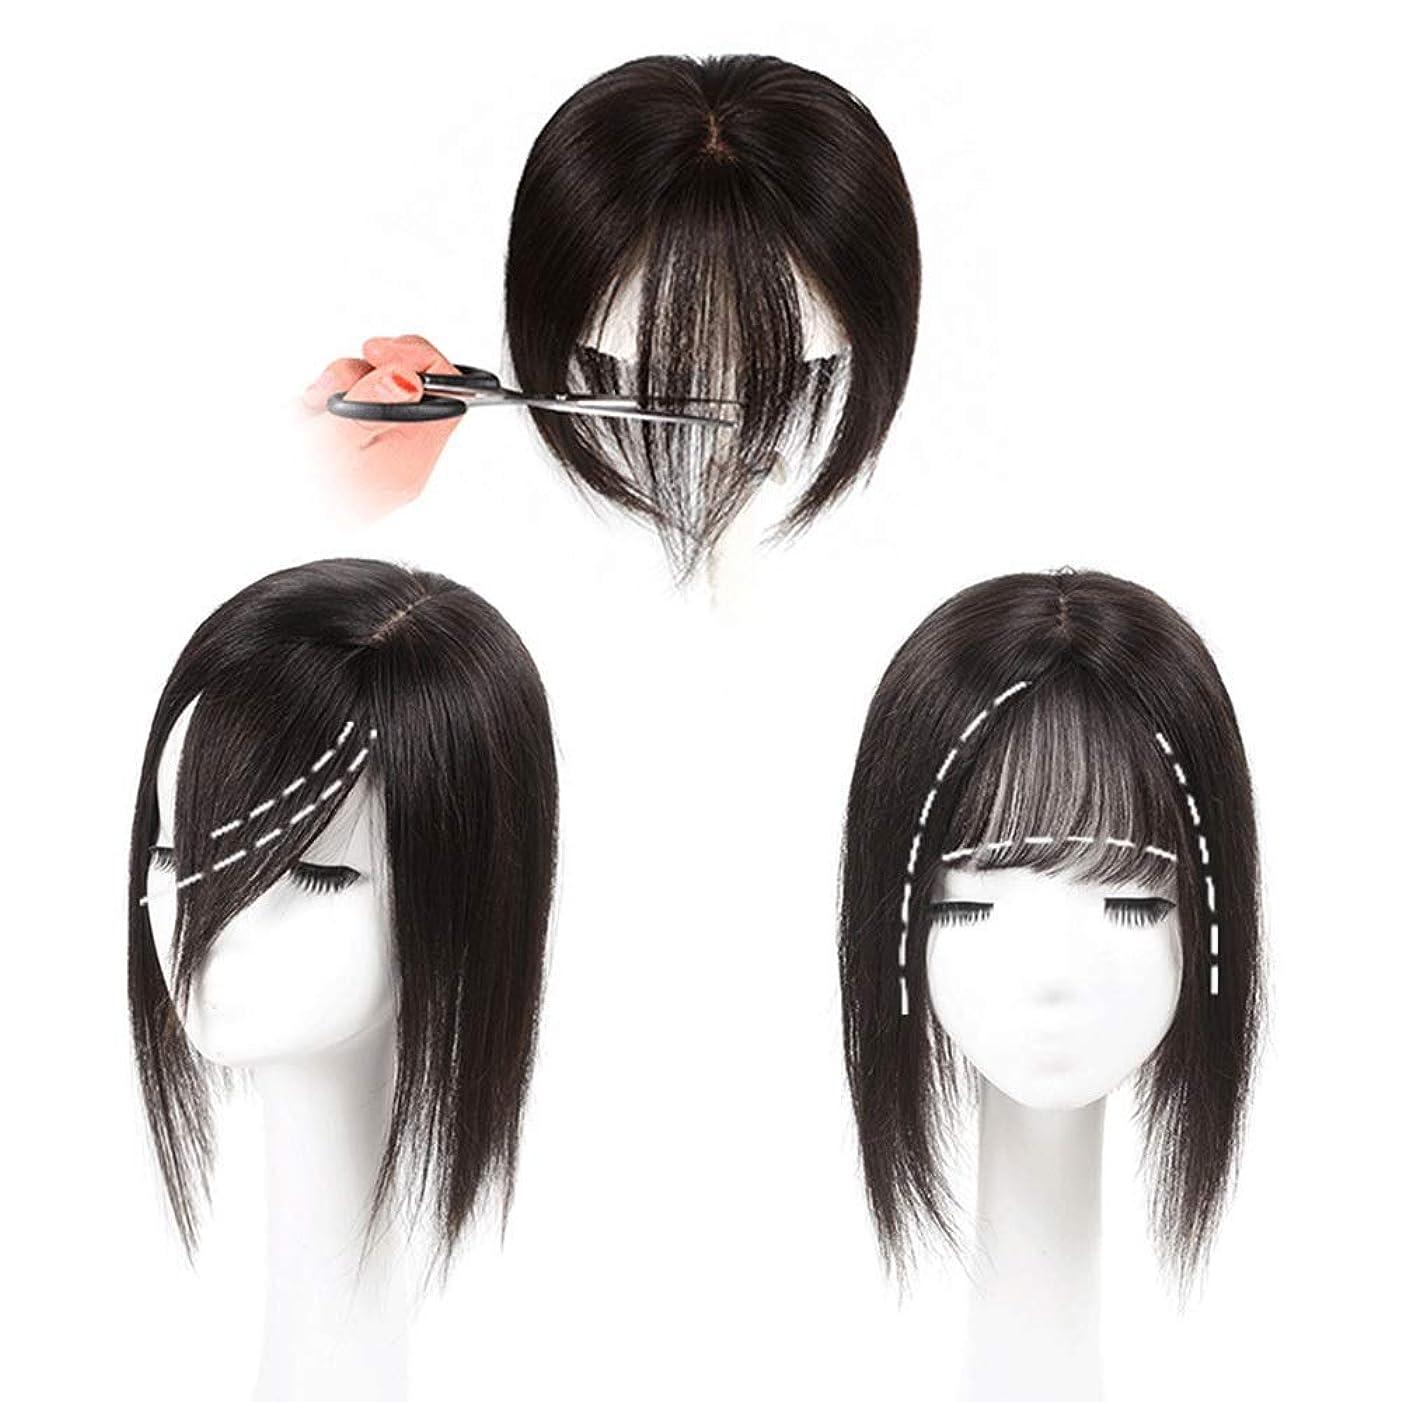 ゲスト時系列安西BOBIDYEE フルハンド織物リアルヘアロングストレートヘア女性のための追加の見えないシームレスなかつらヘアピースファッションかつら (色 : [7x10] 17cm black)